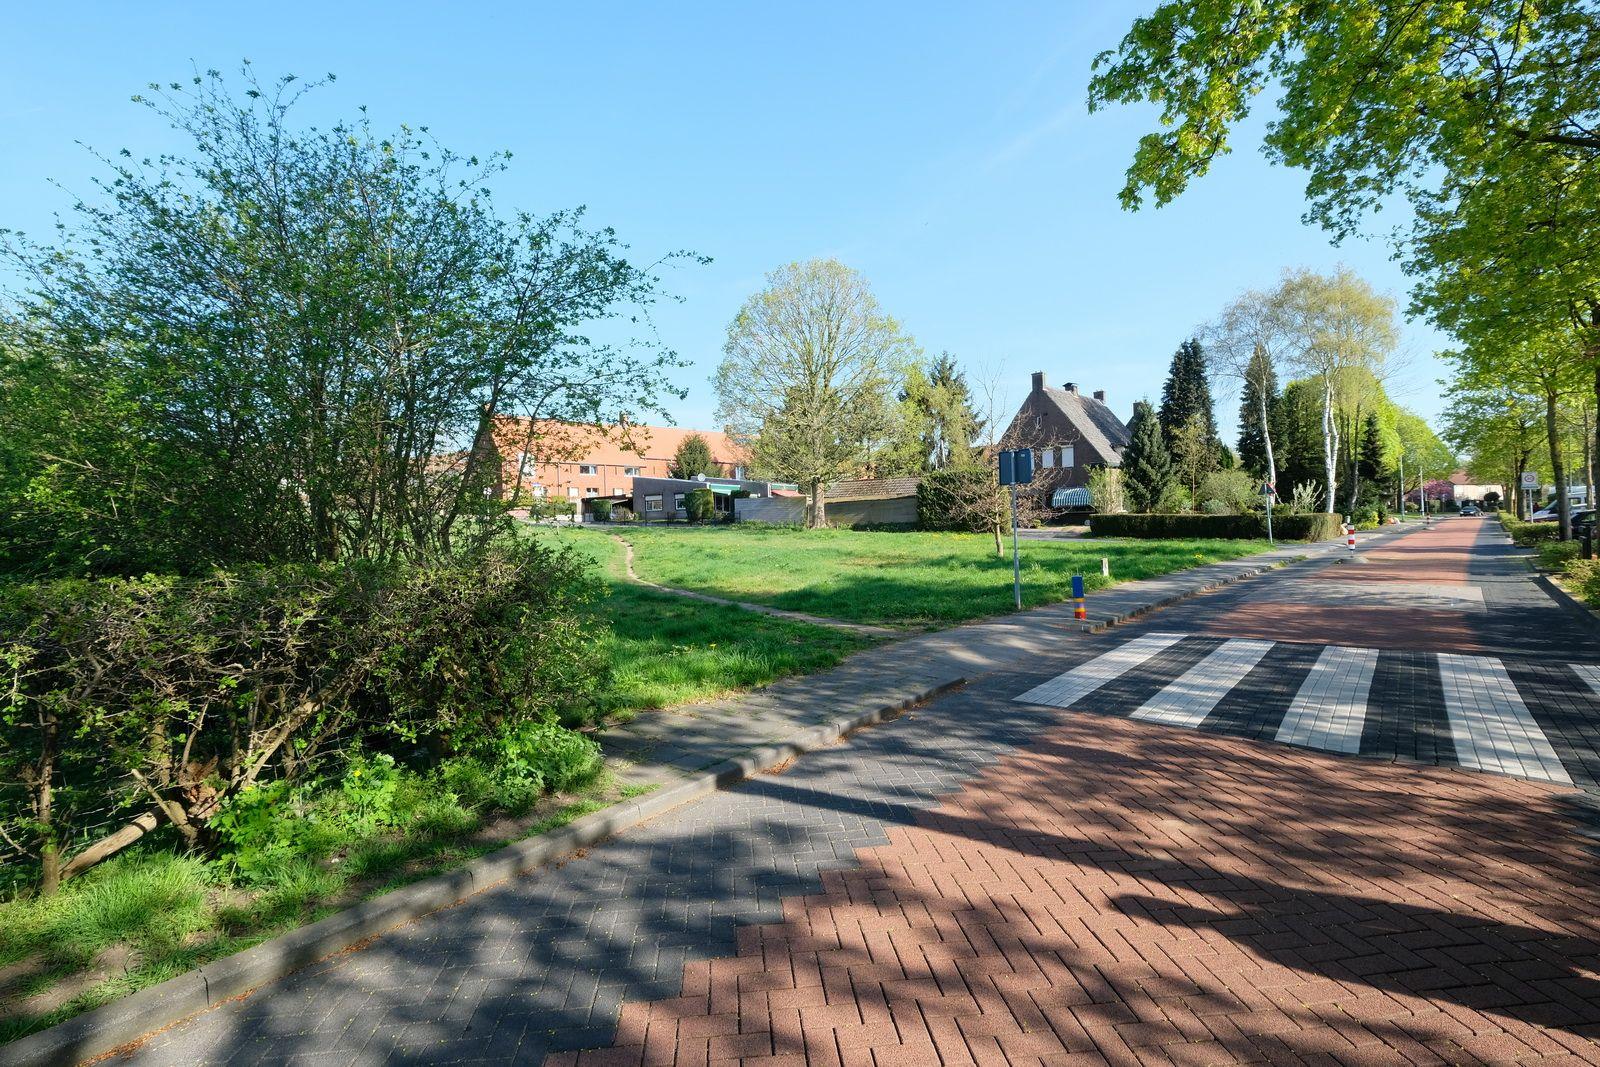 Bram Streeflandweg kavel 5 0-ong, Renkum